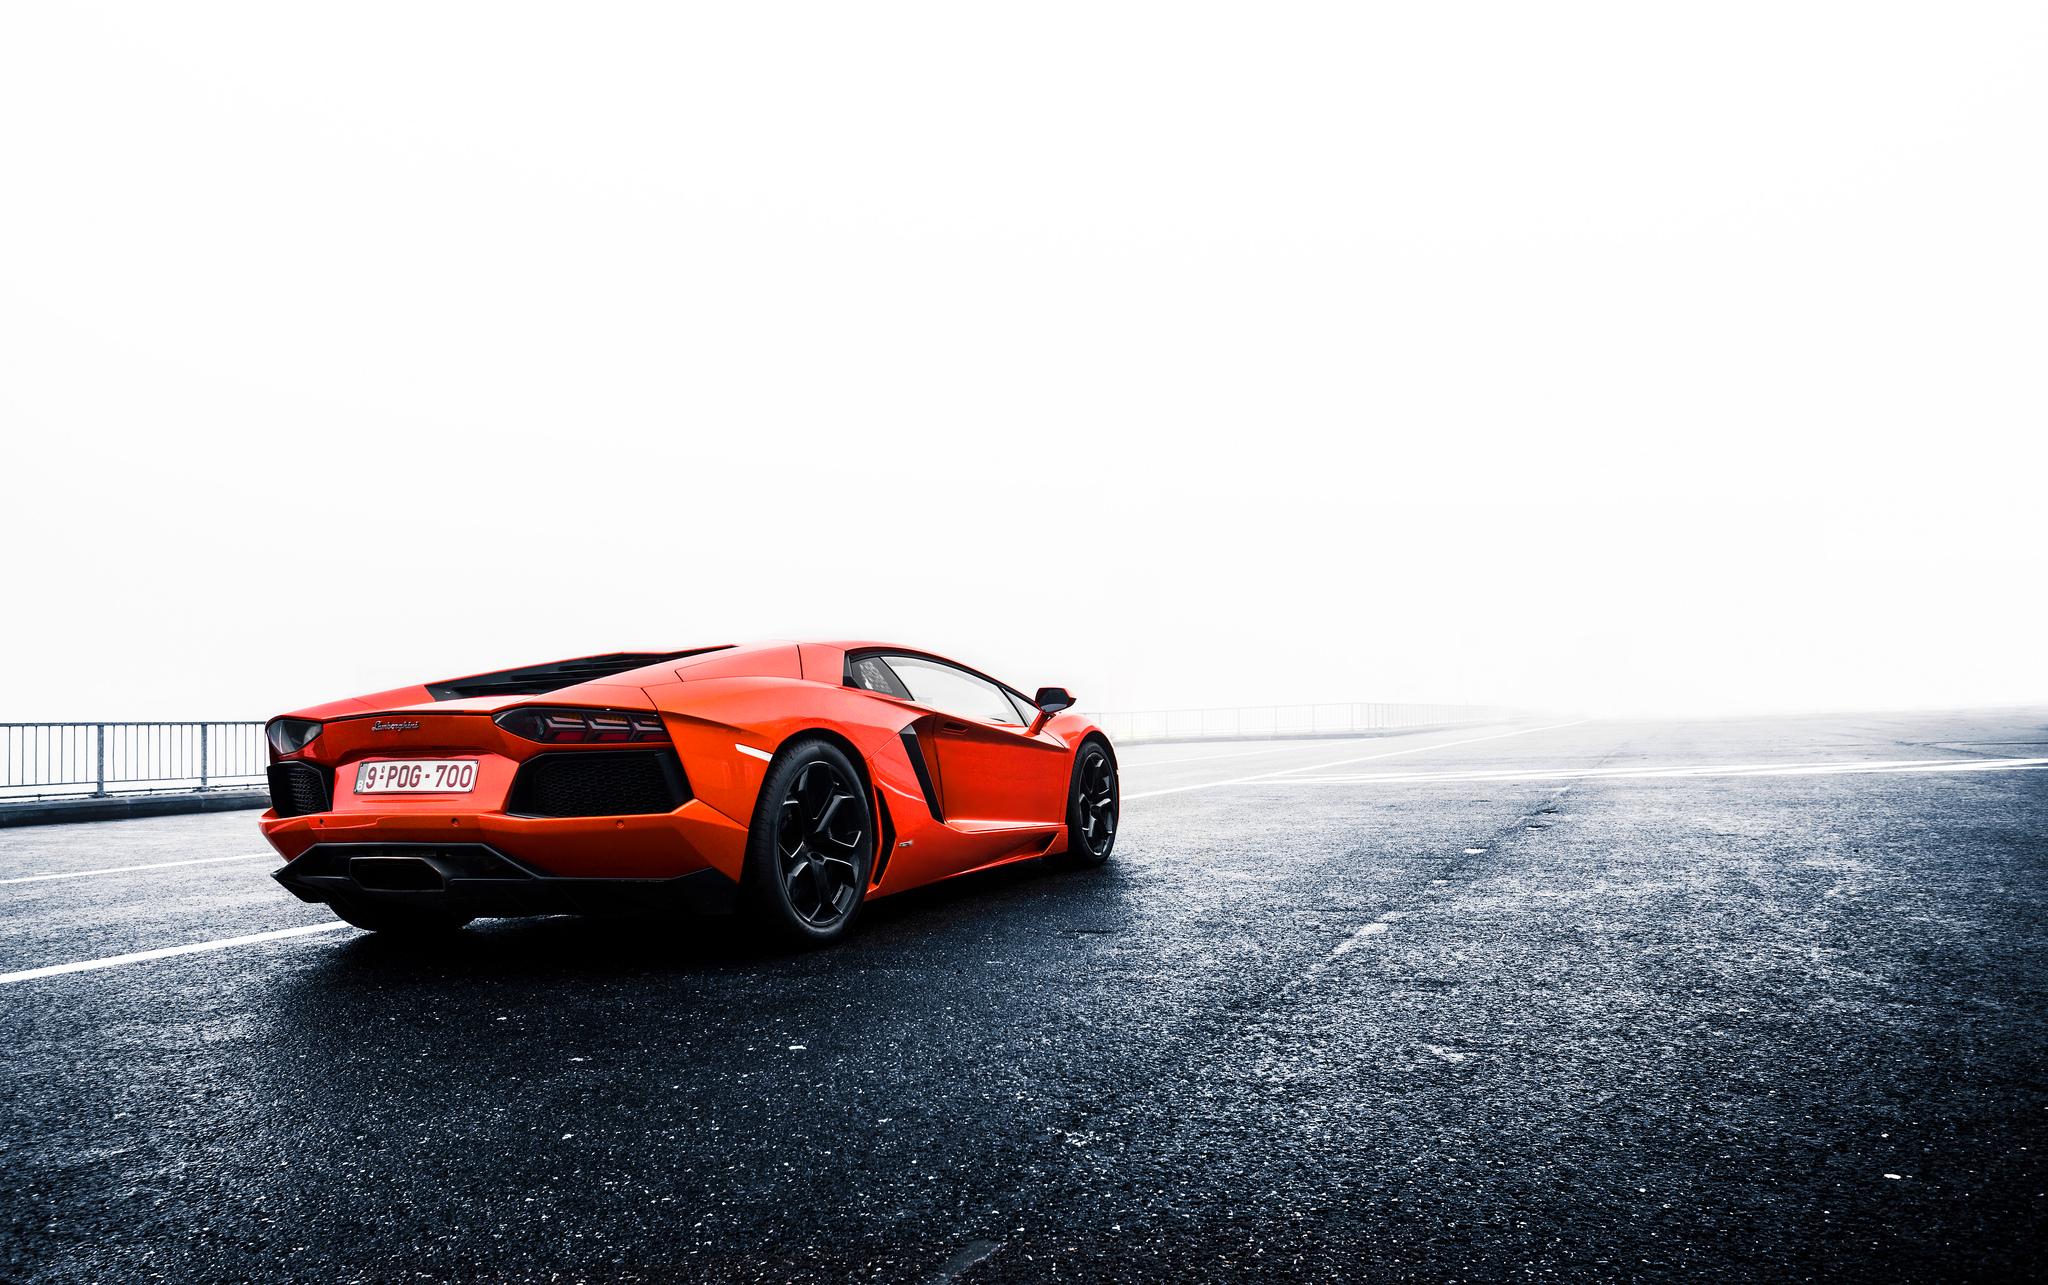 Lamborghini, асфальтовая площадка, ограждение